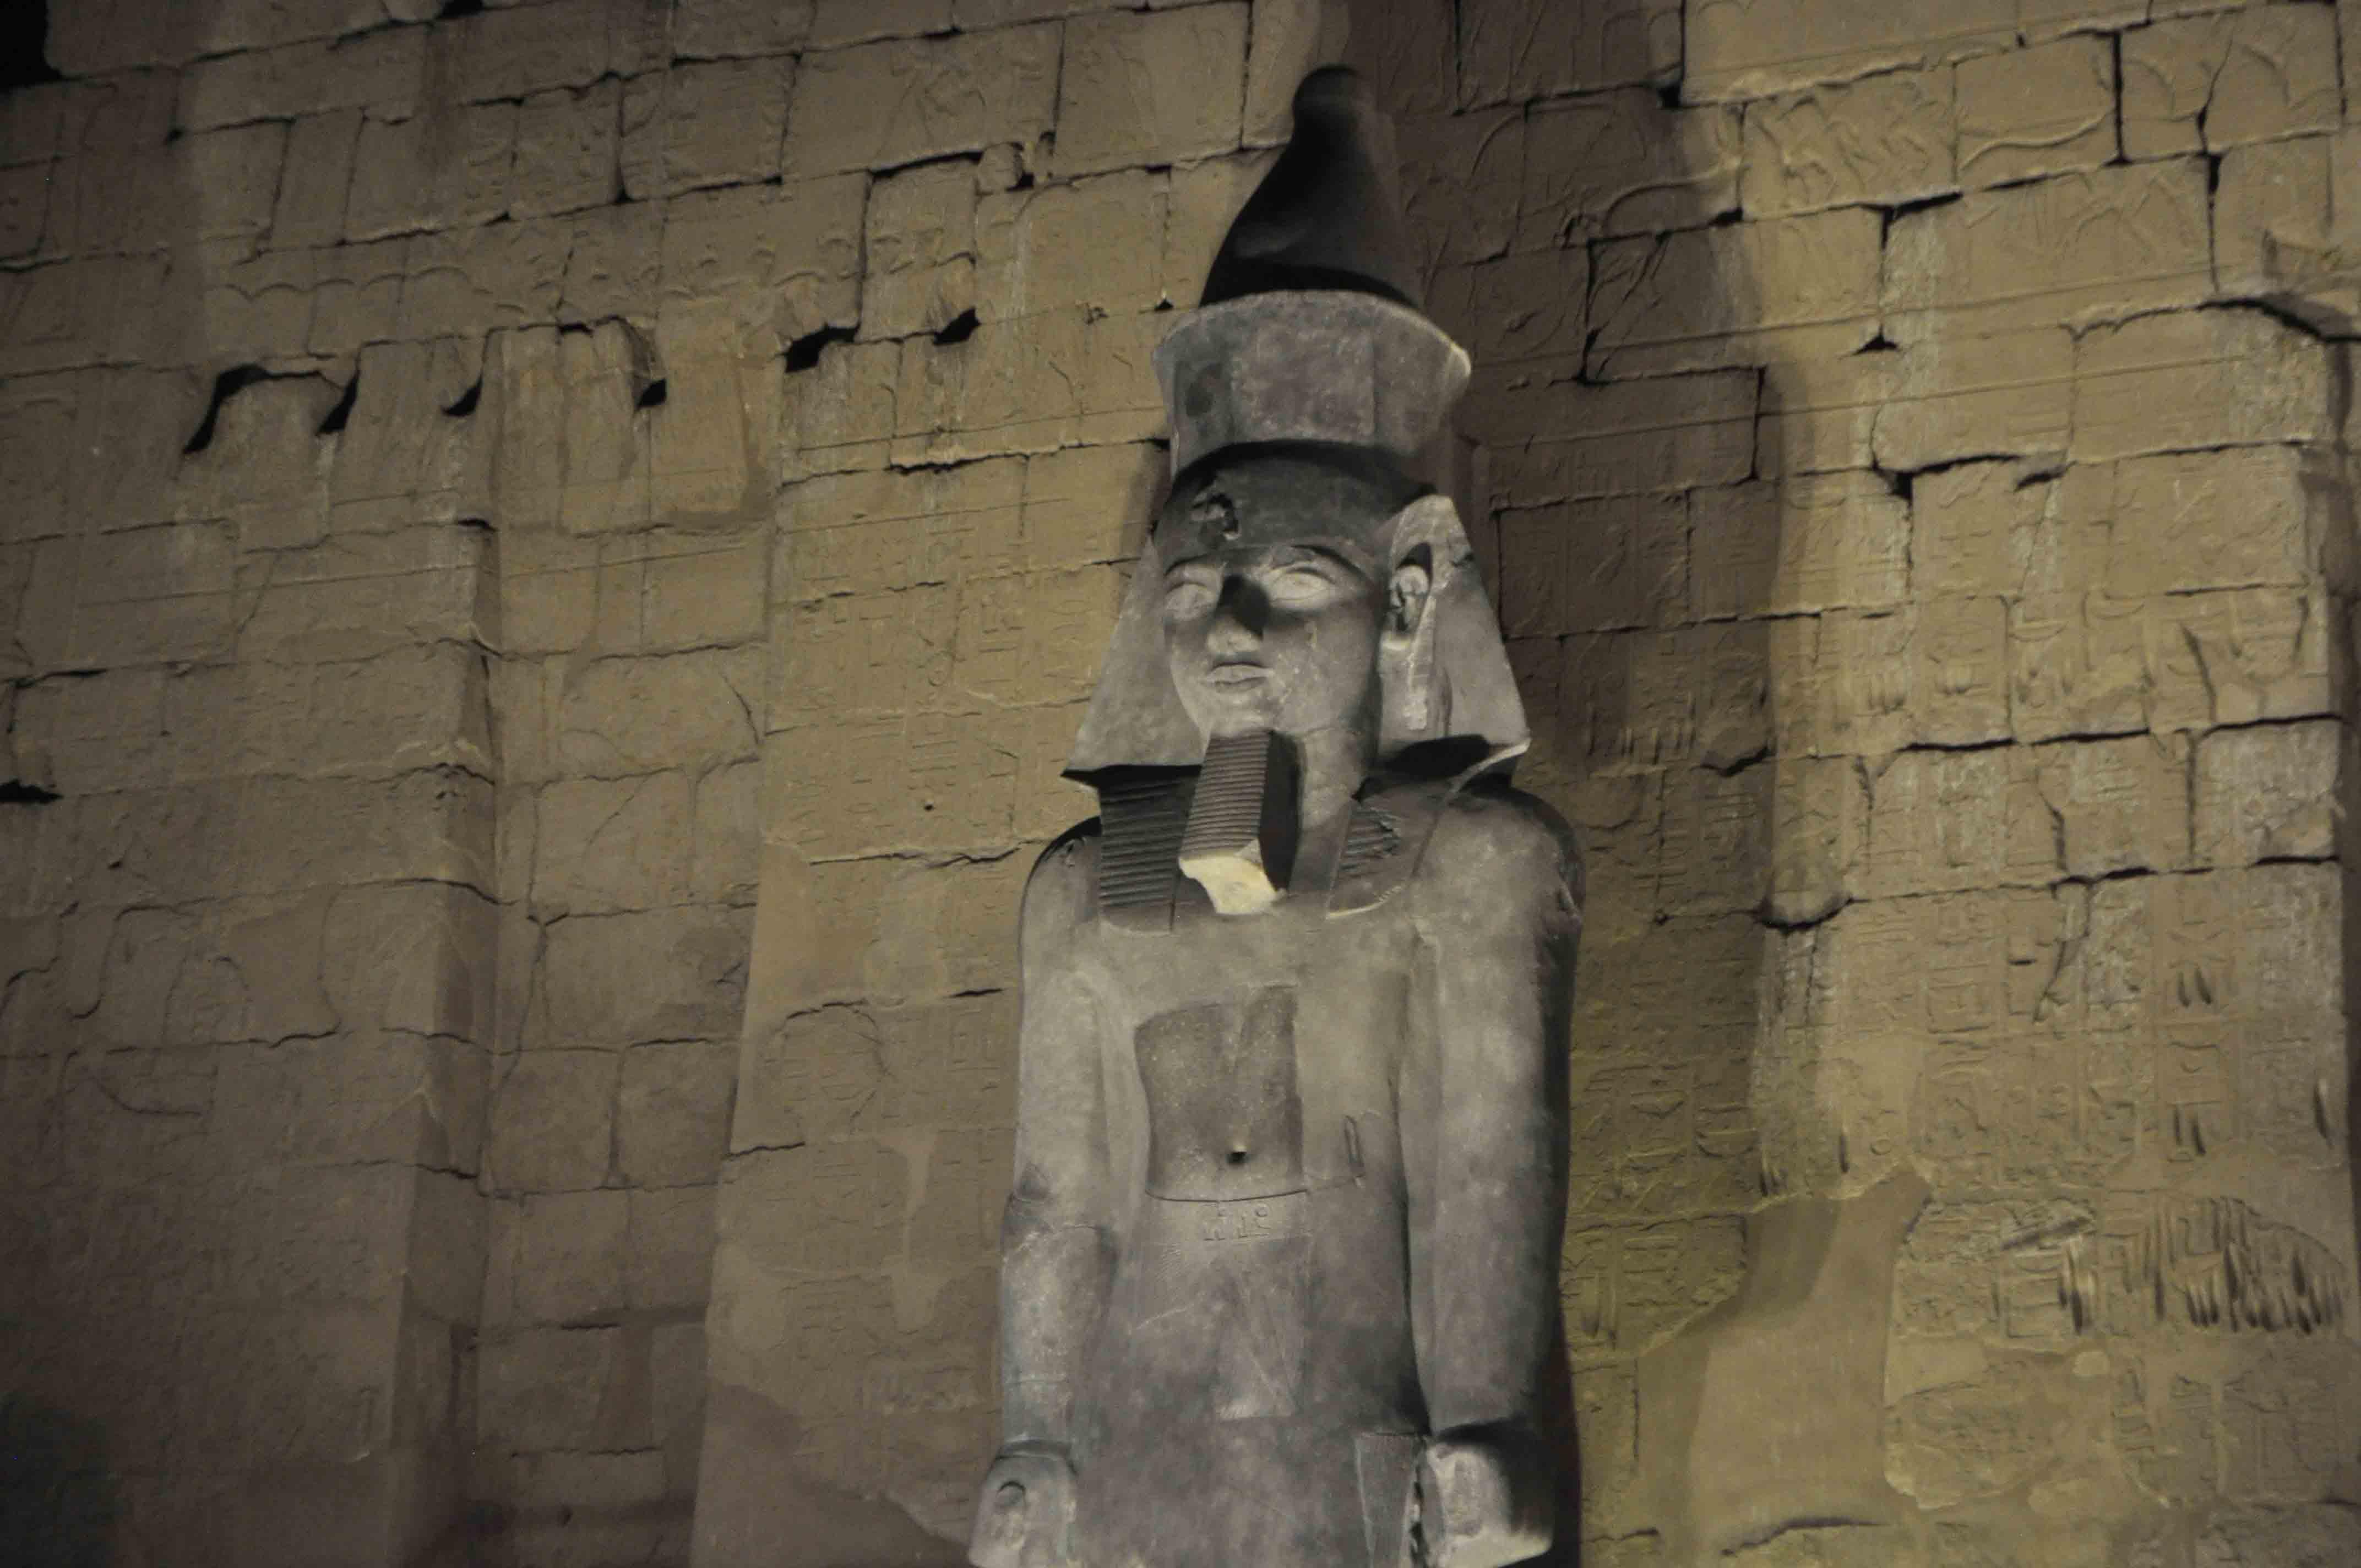 مدير معبد الأقصر